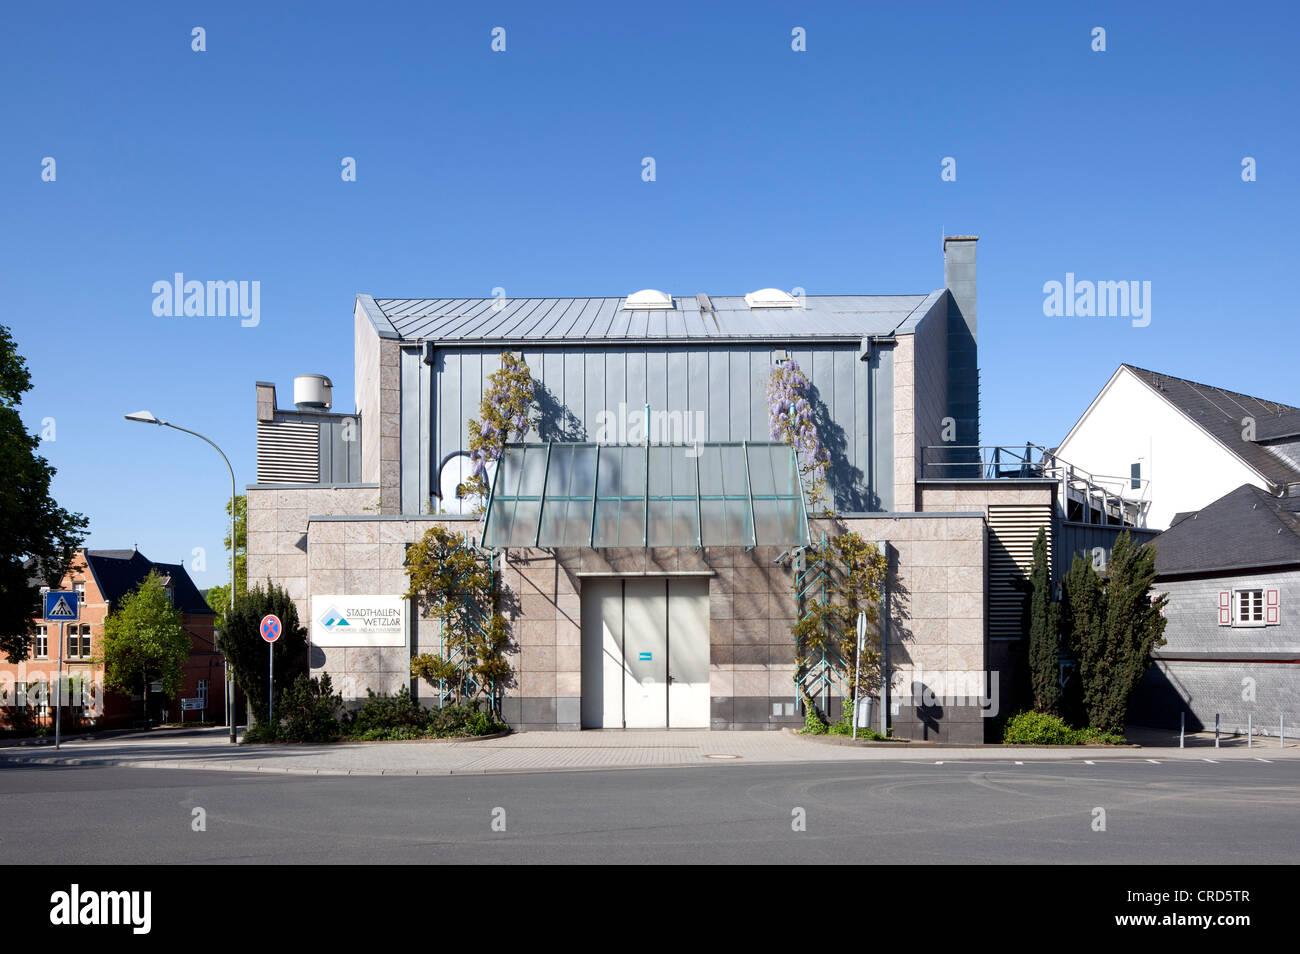 Rathaus, Konferenzen und Veranstaltungen im Zentrum, Wetzlar, Hessen, Deutschland, Europa, PublicGround Stockbild